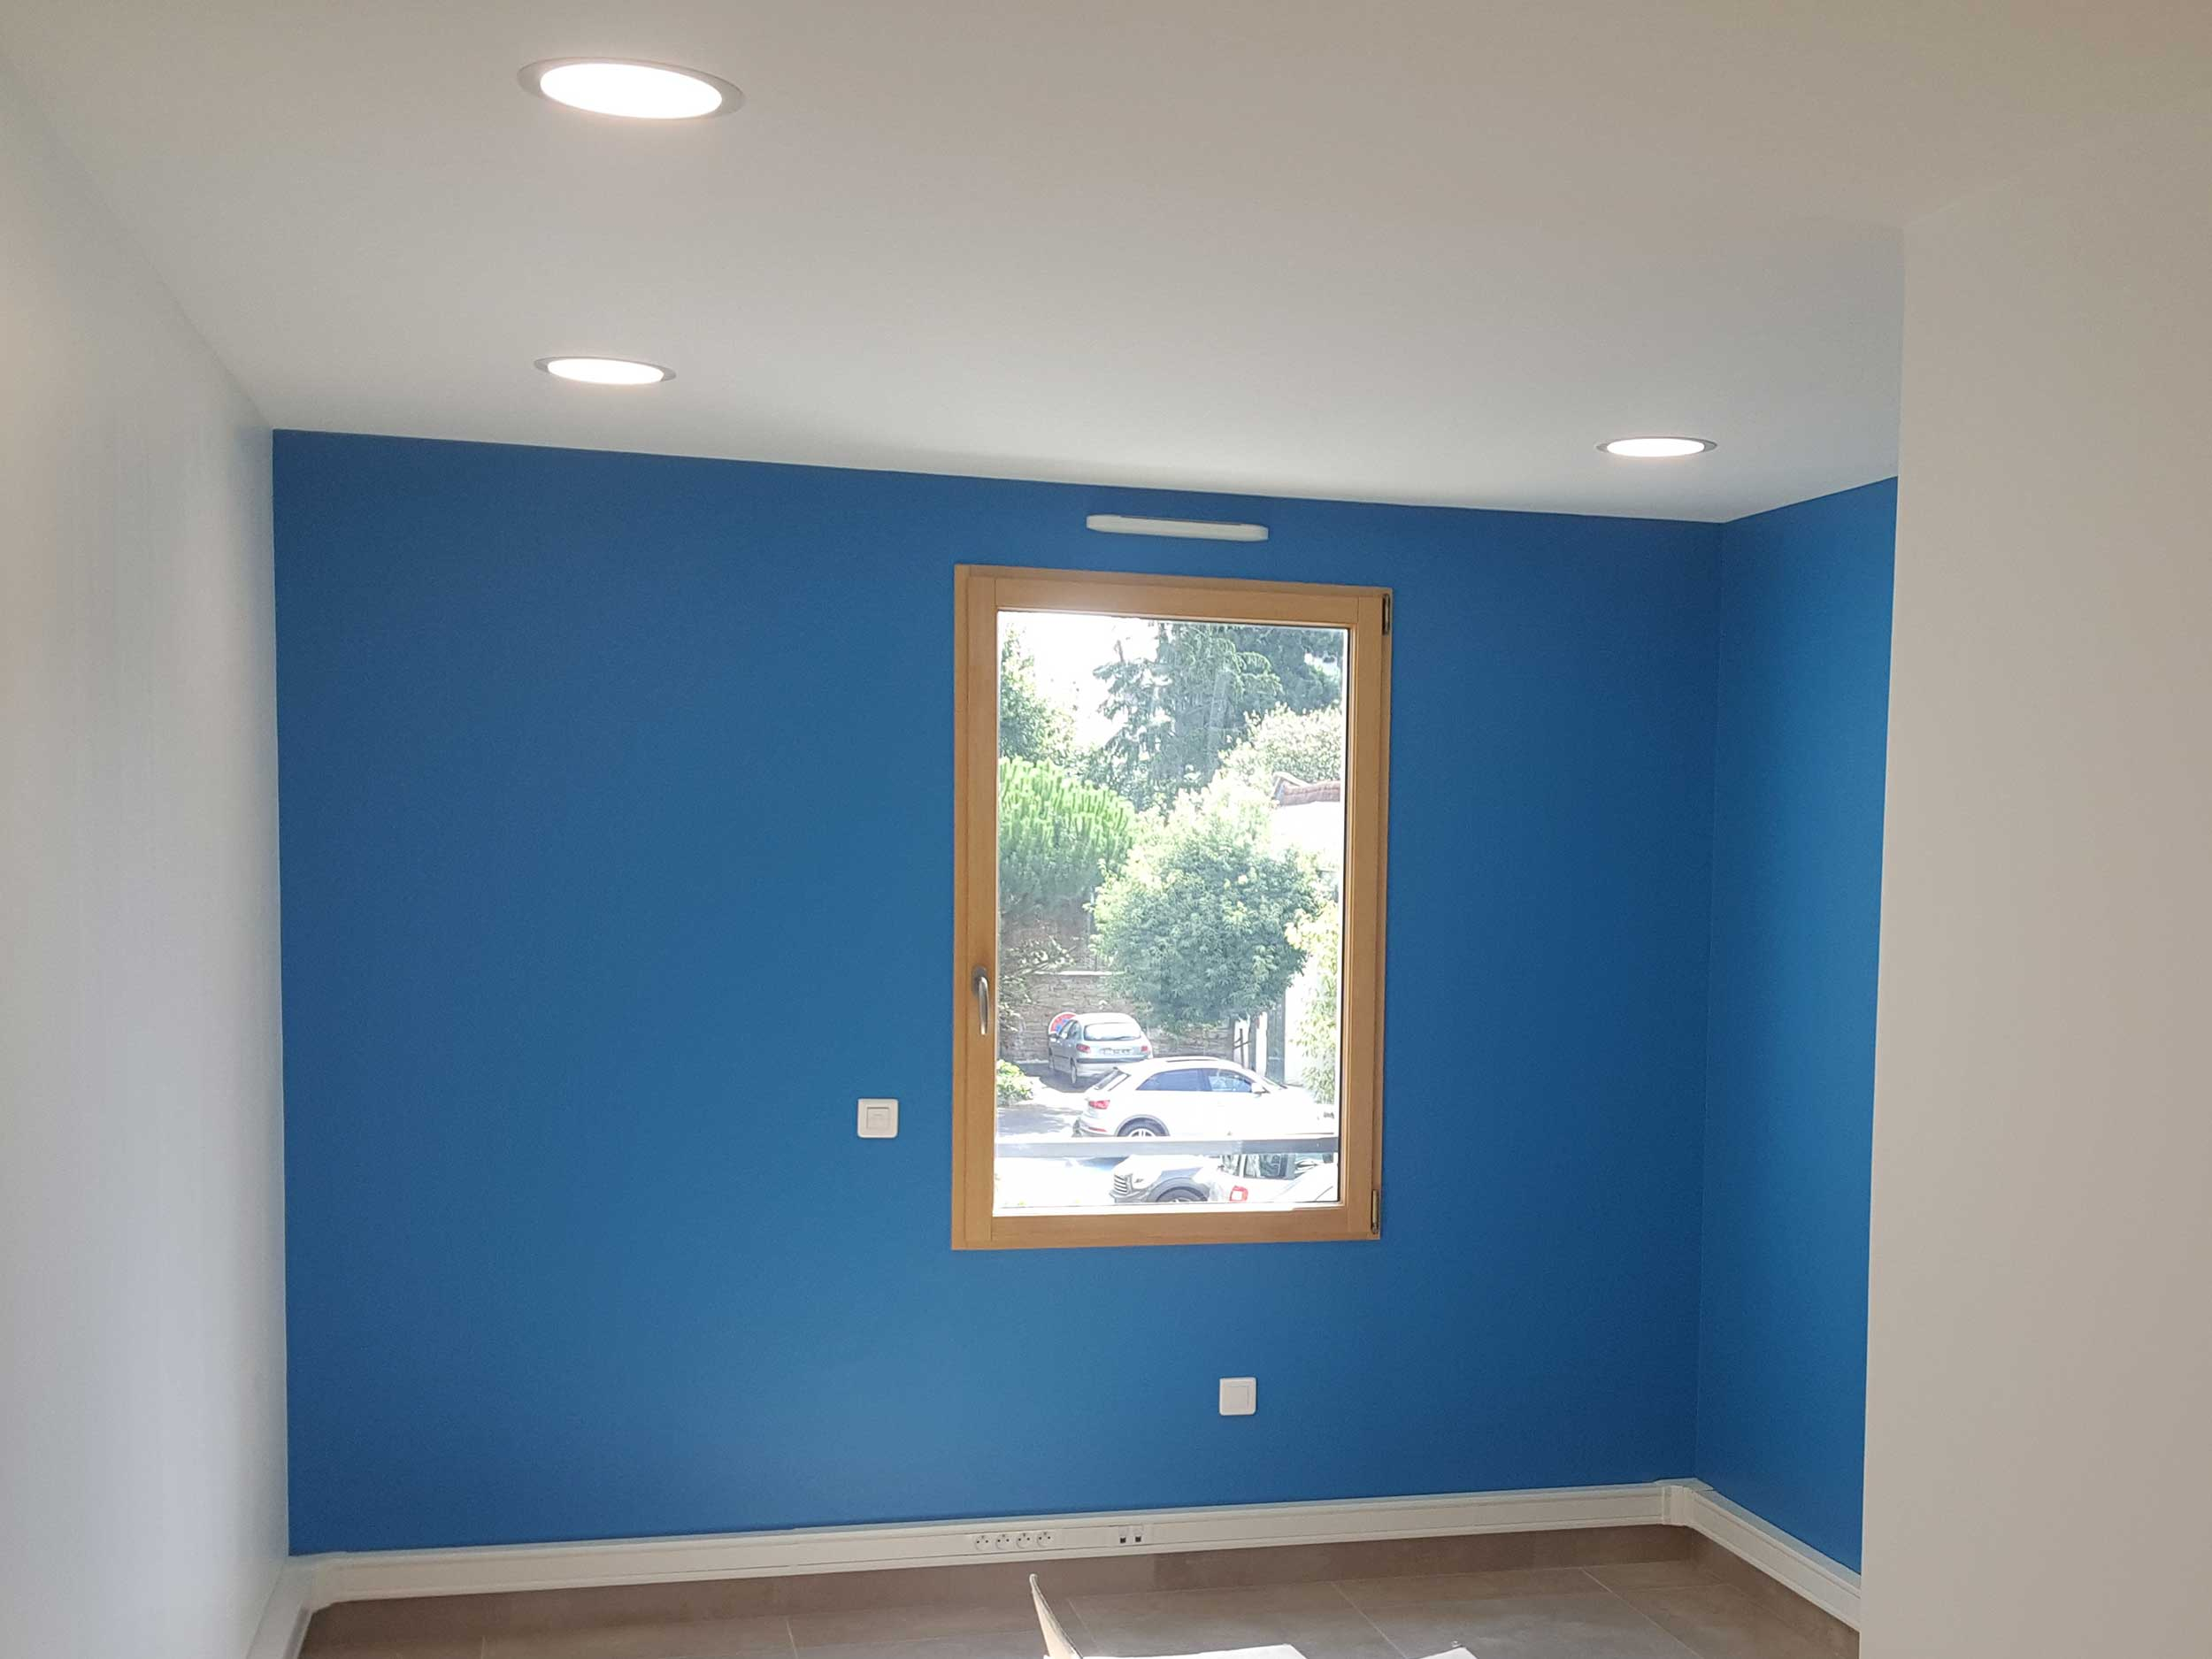 Rénovation intérieure d'un cabinet médical de médecins à Villefranche